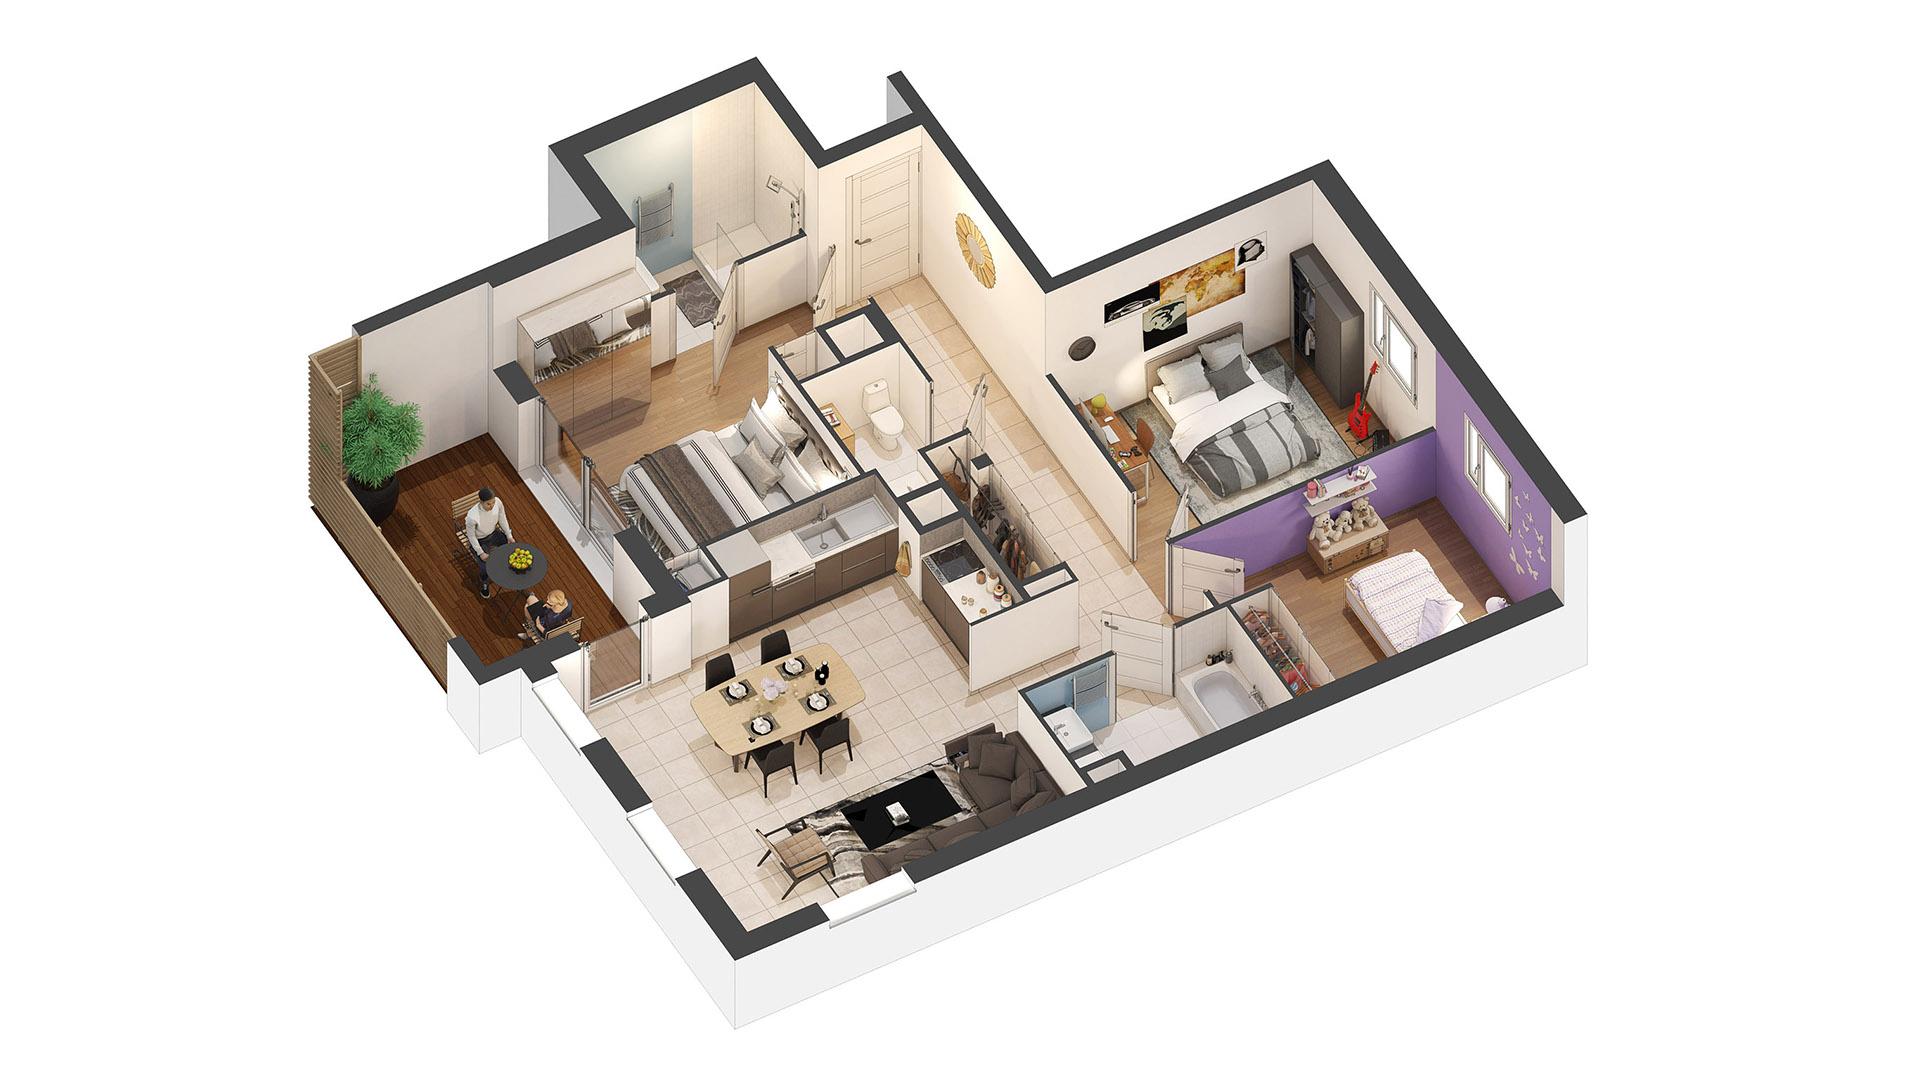 Plan d'appartement en 3D - Architecte 3D